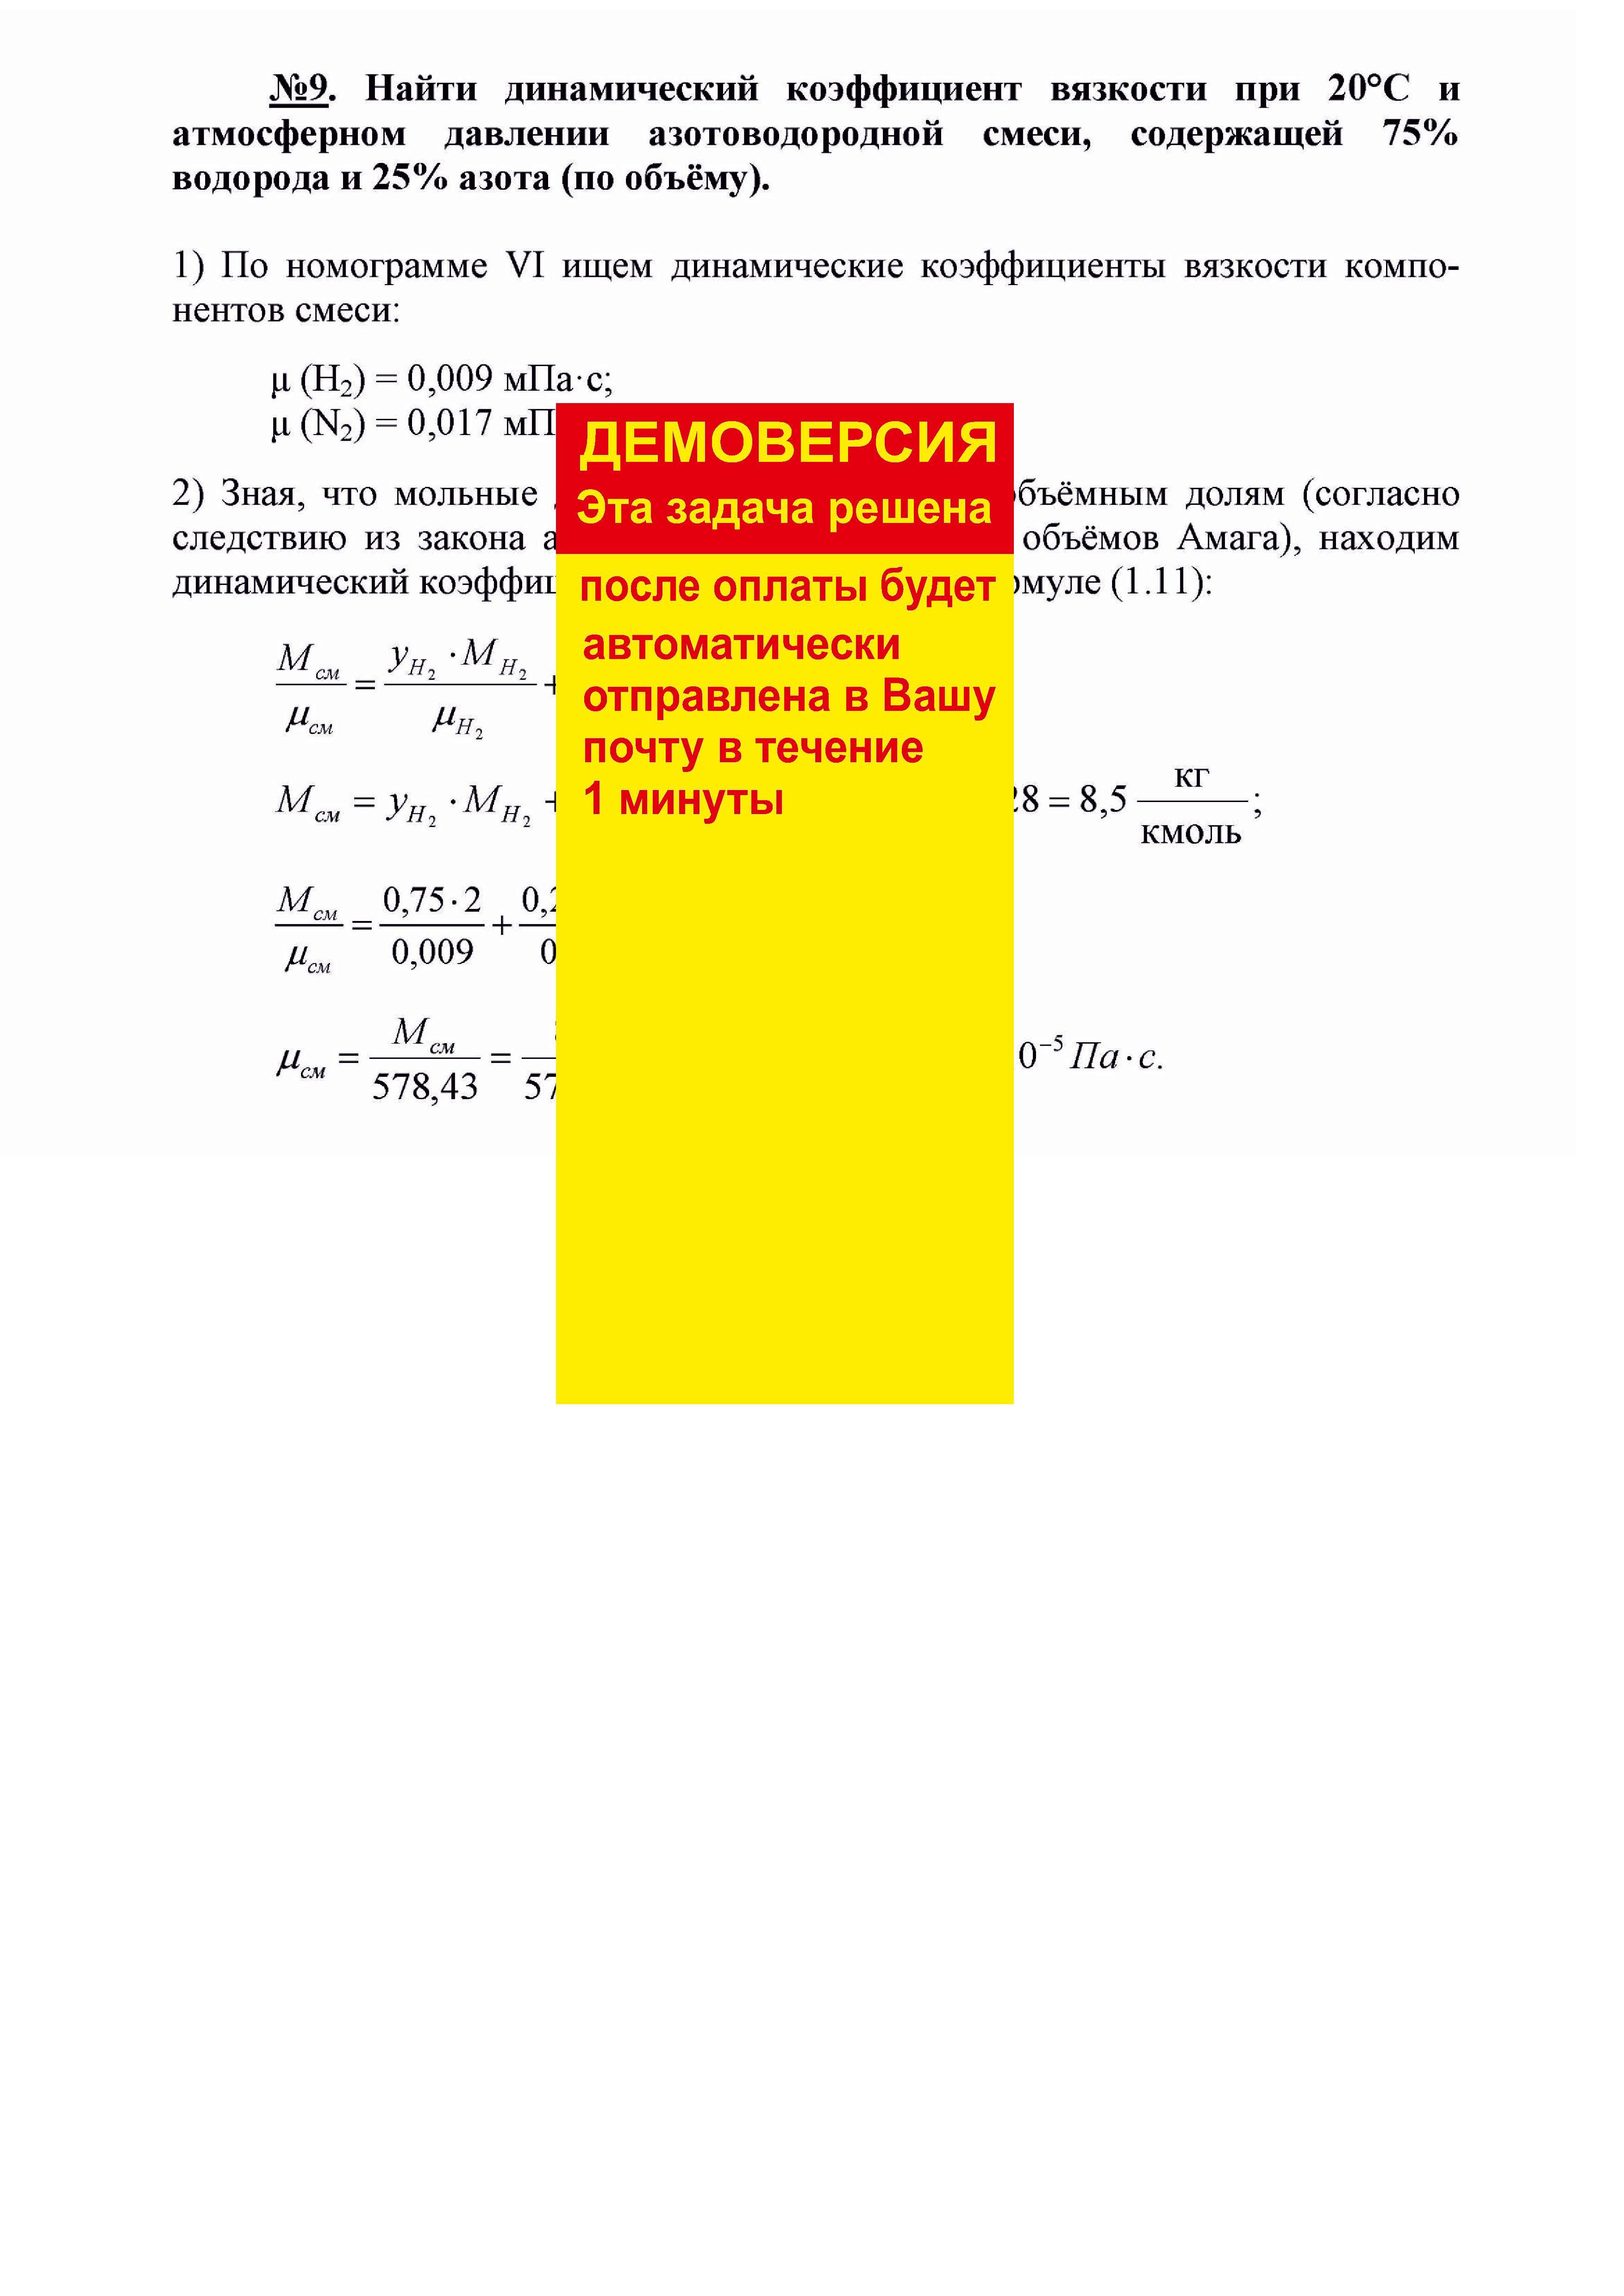 Решение задачи 1.9 по ПАХТ из задачника Павлова Романкова Носкова